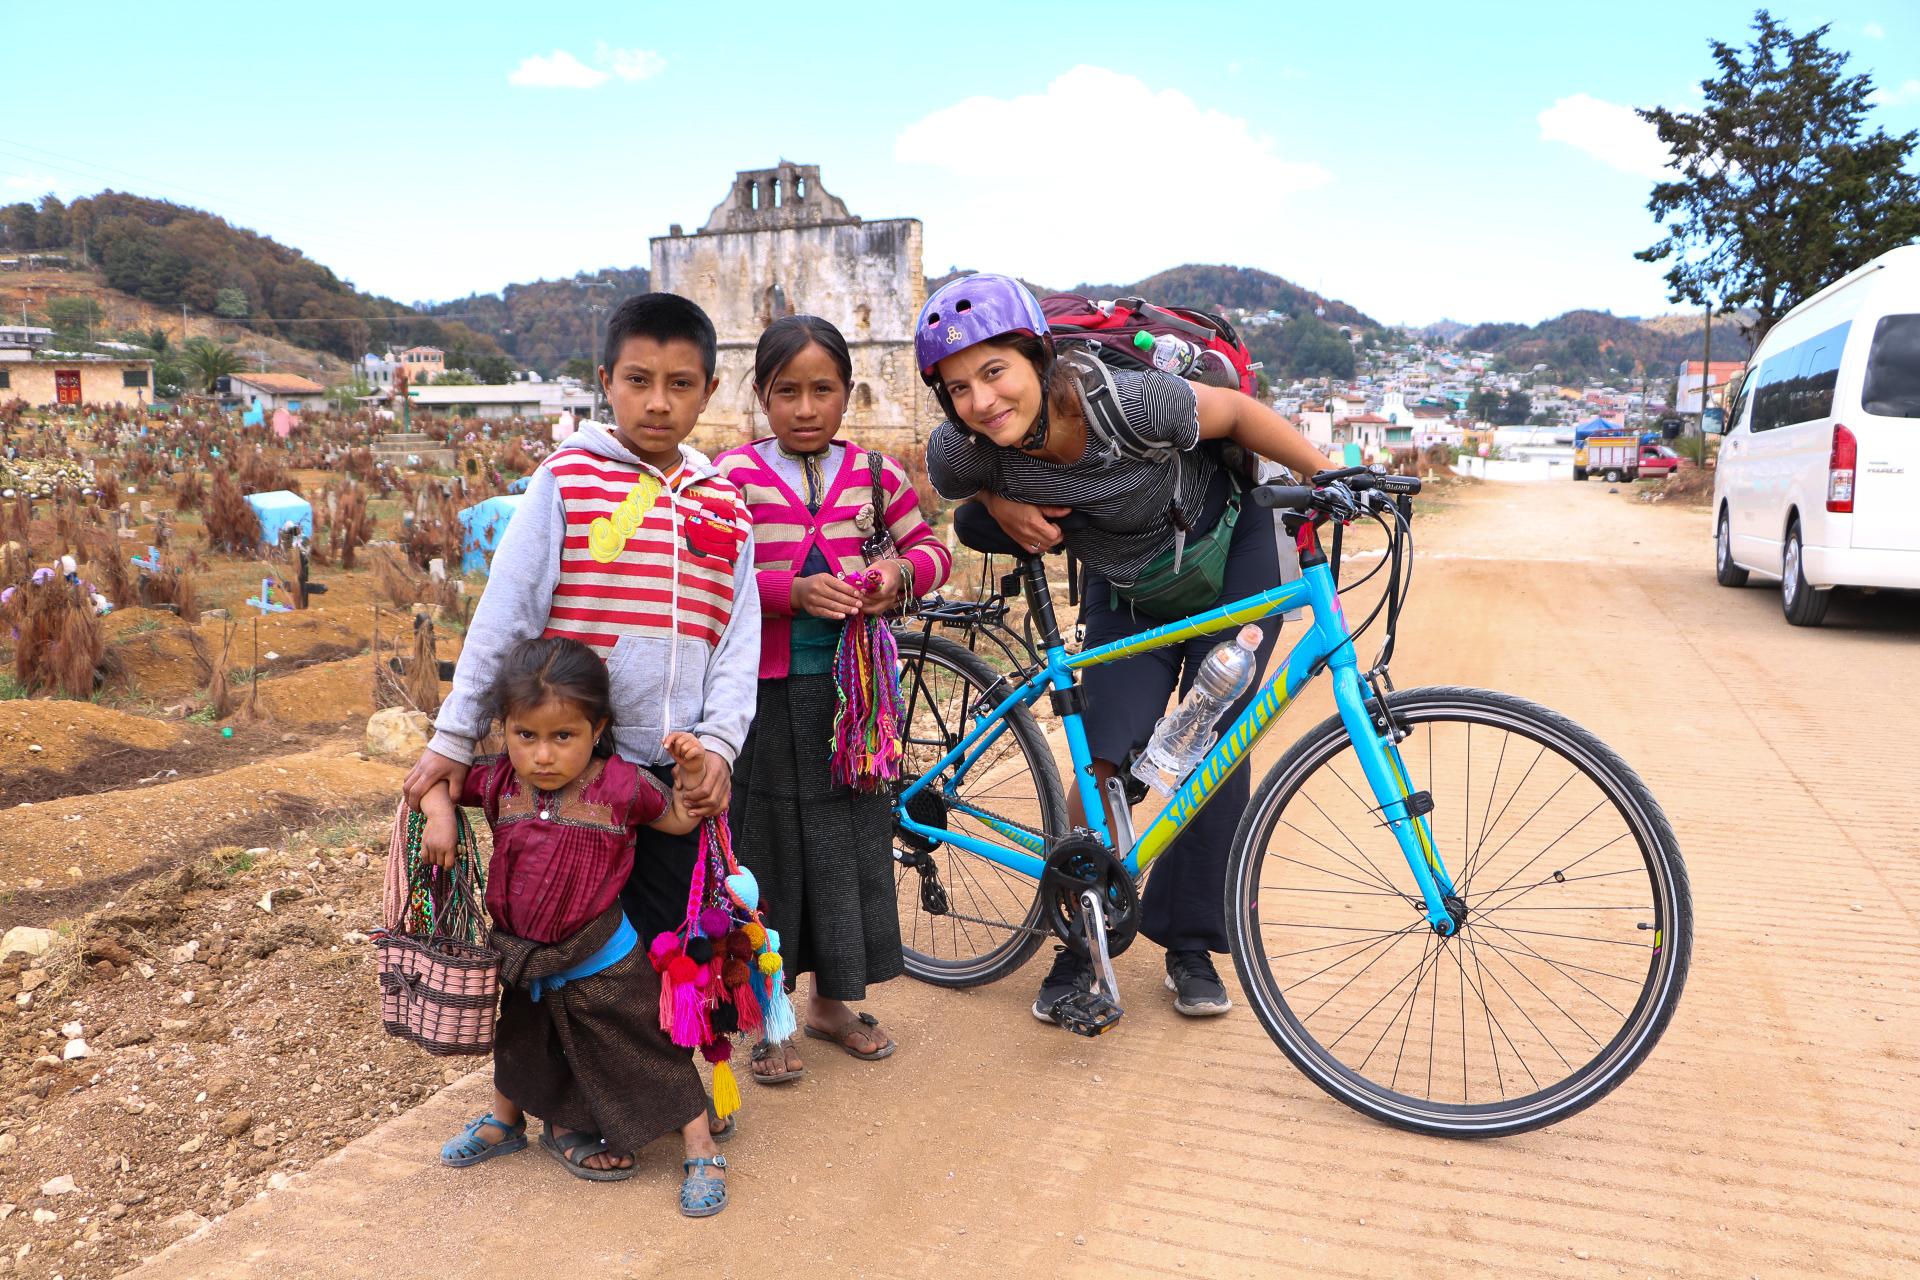 Crianças, México, San Juan Chamula, Chiapas